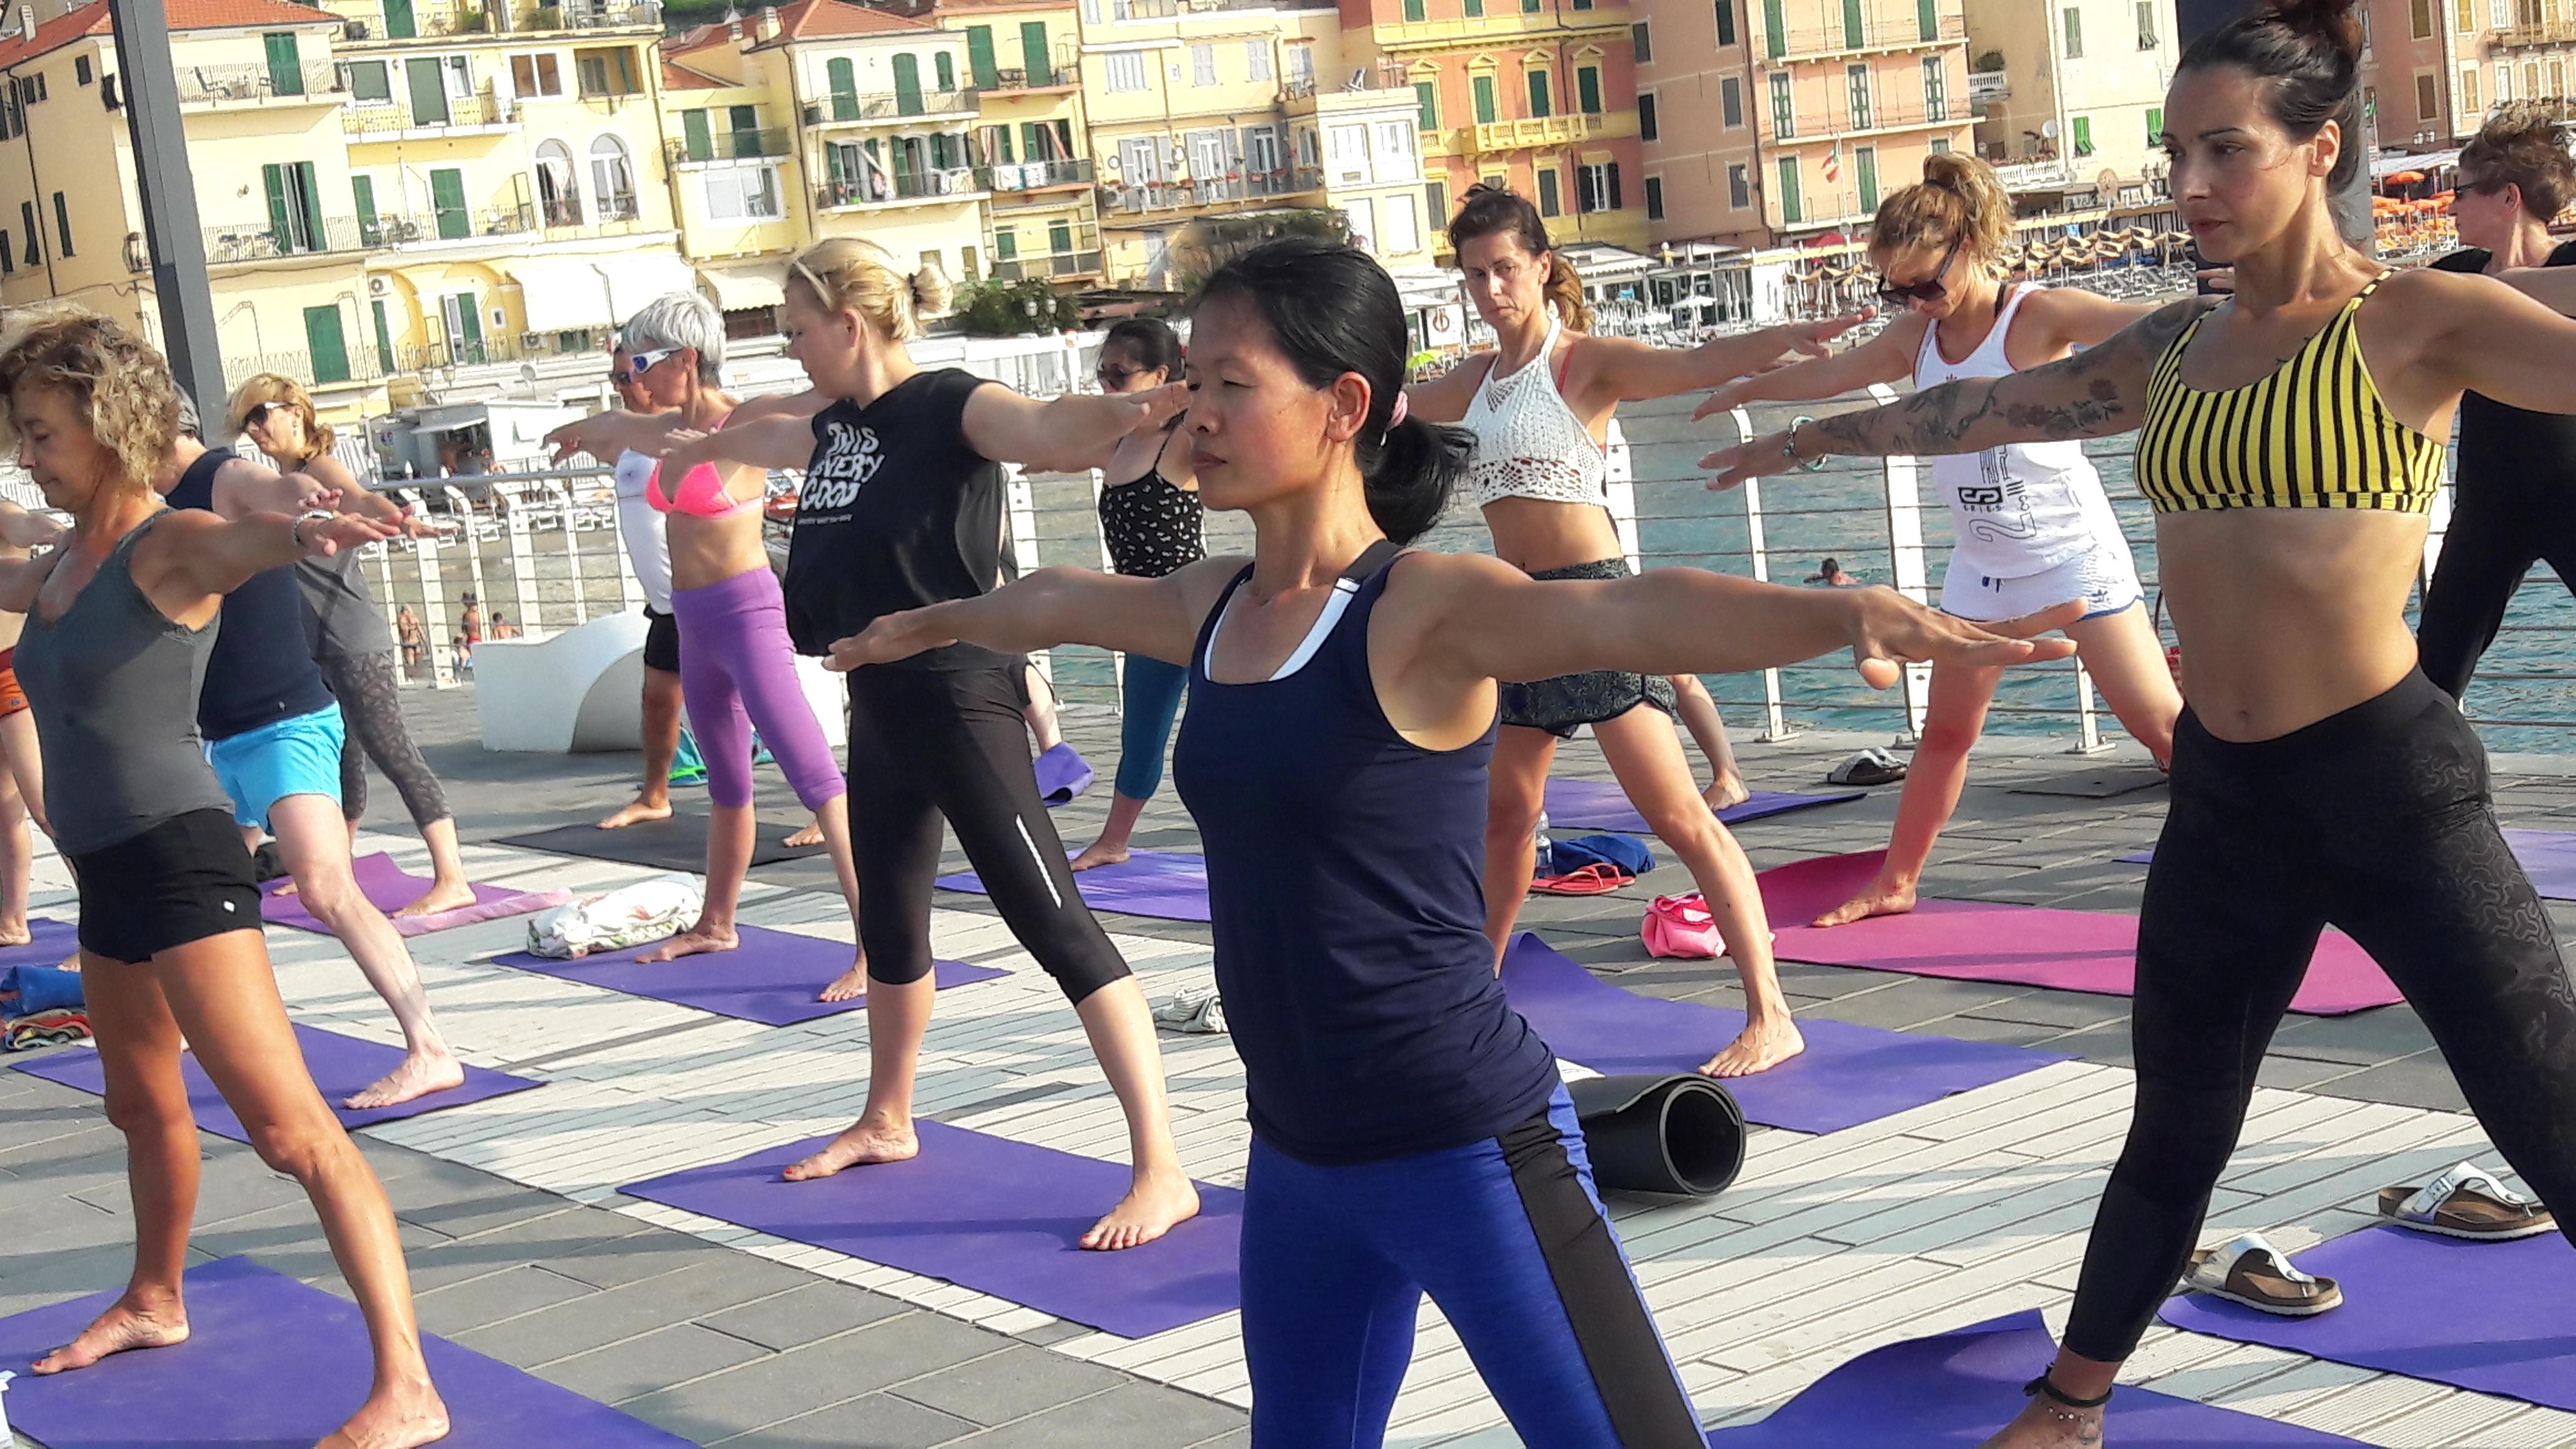 essere-free-yoga-gratuito-benessere-per-tutti-village-citta-alassio-estate-lucia-ragazzi-summer-town-wellness-024